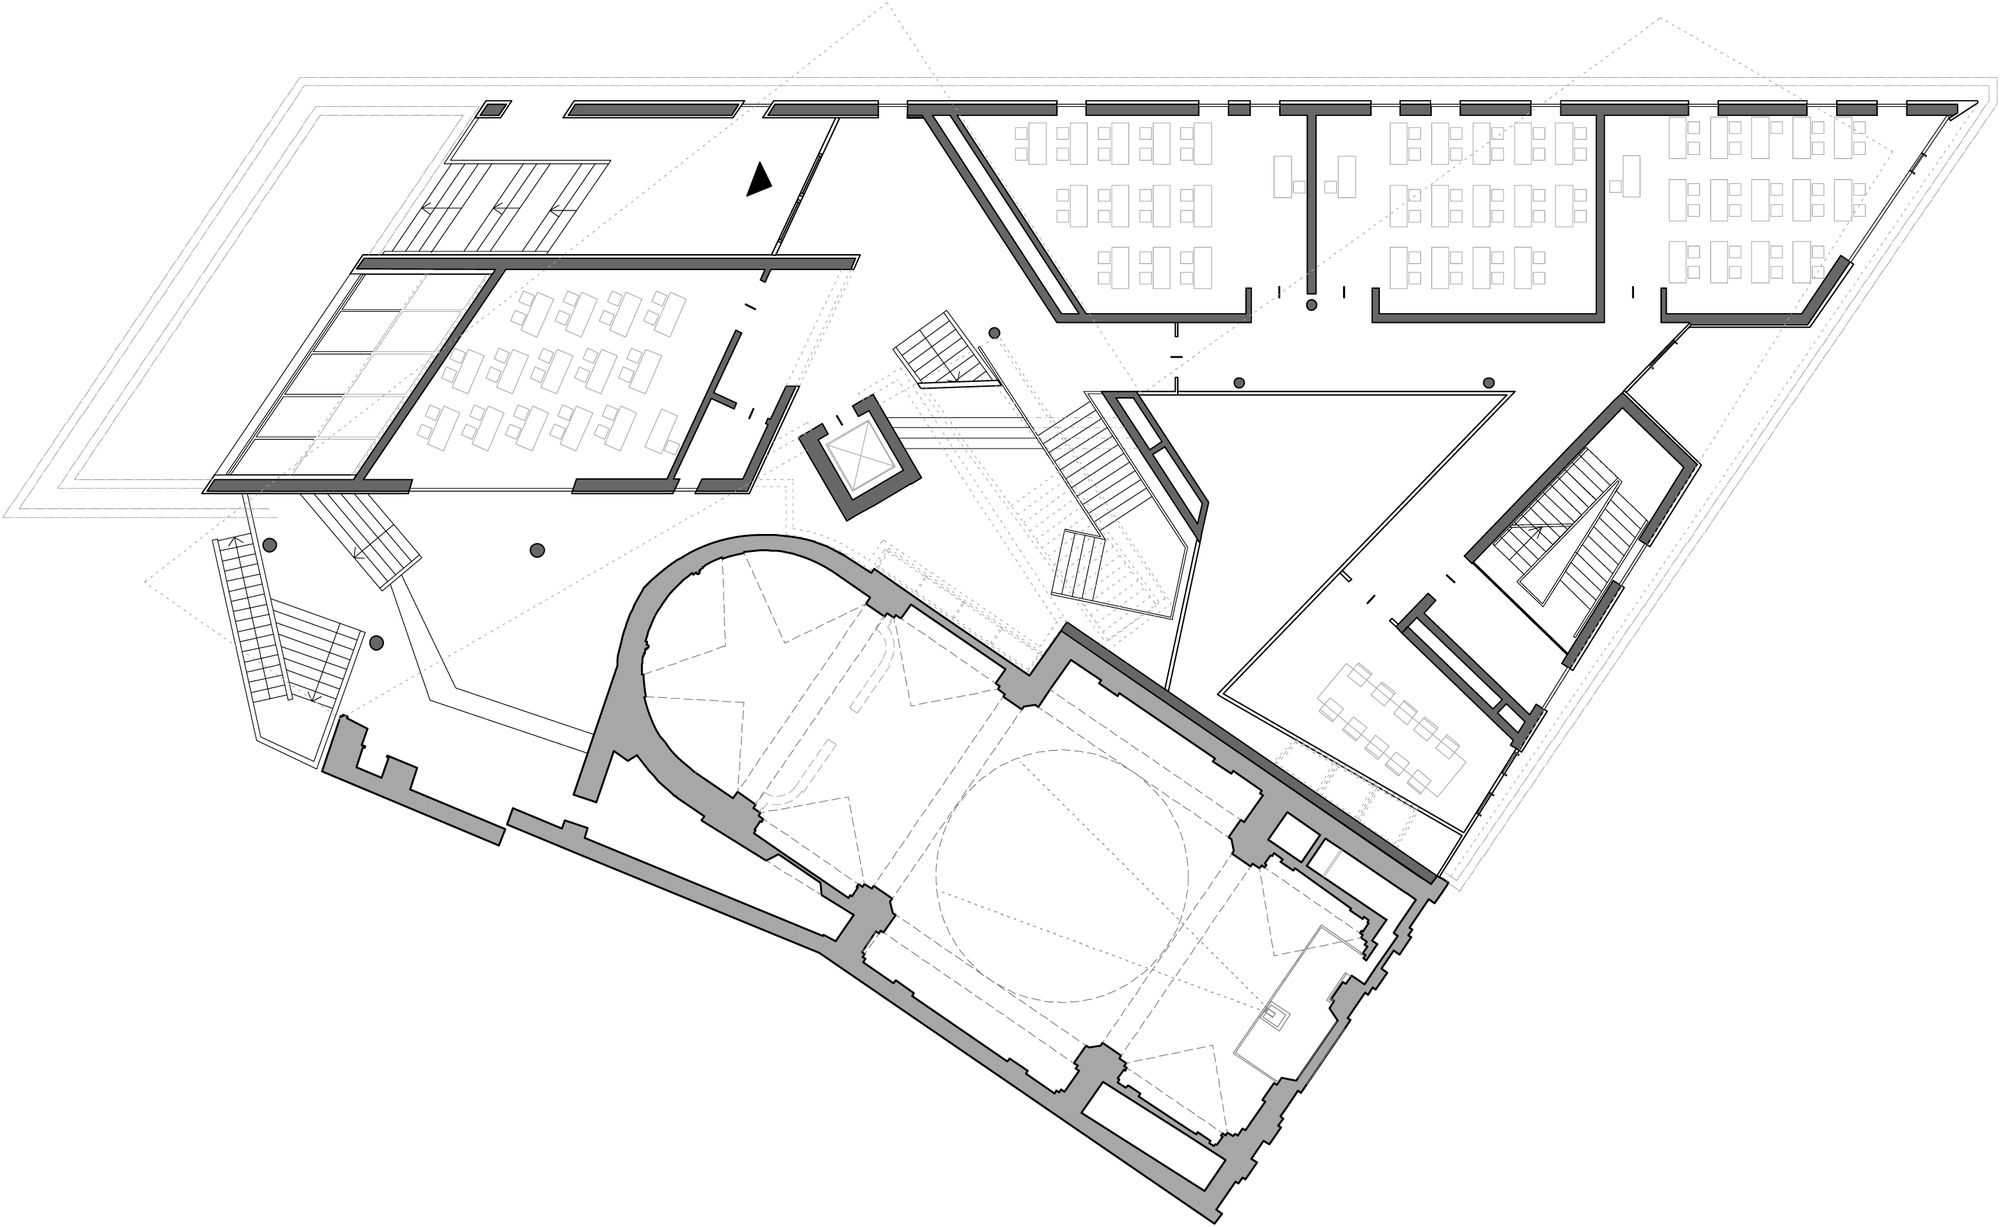 Nova Escola em Piazza Delle Erbe / PFP Architekten